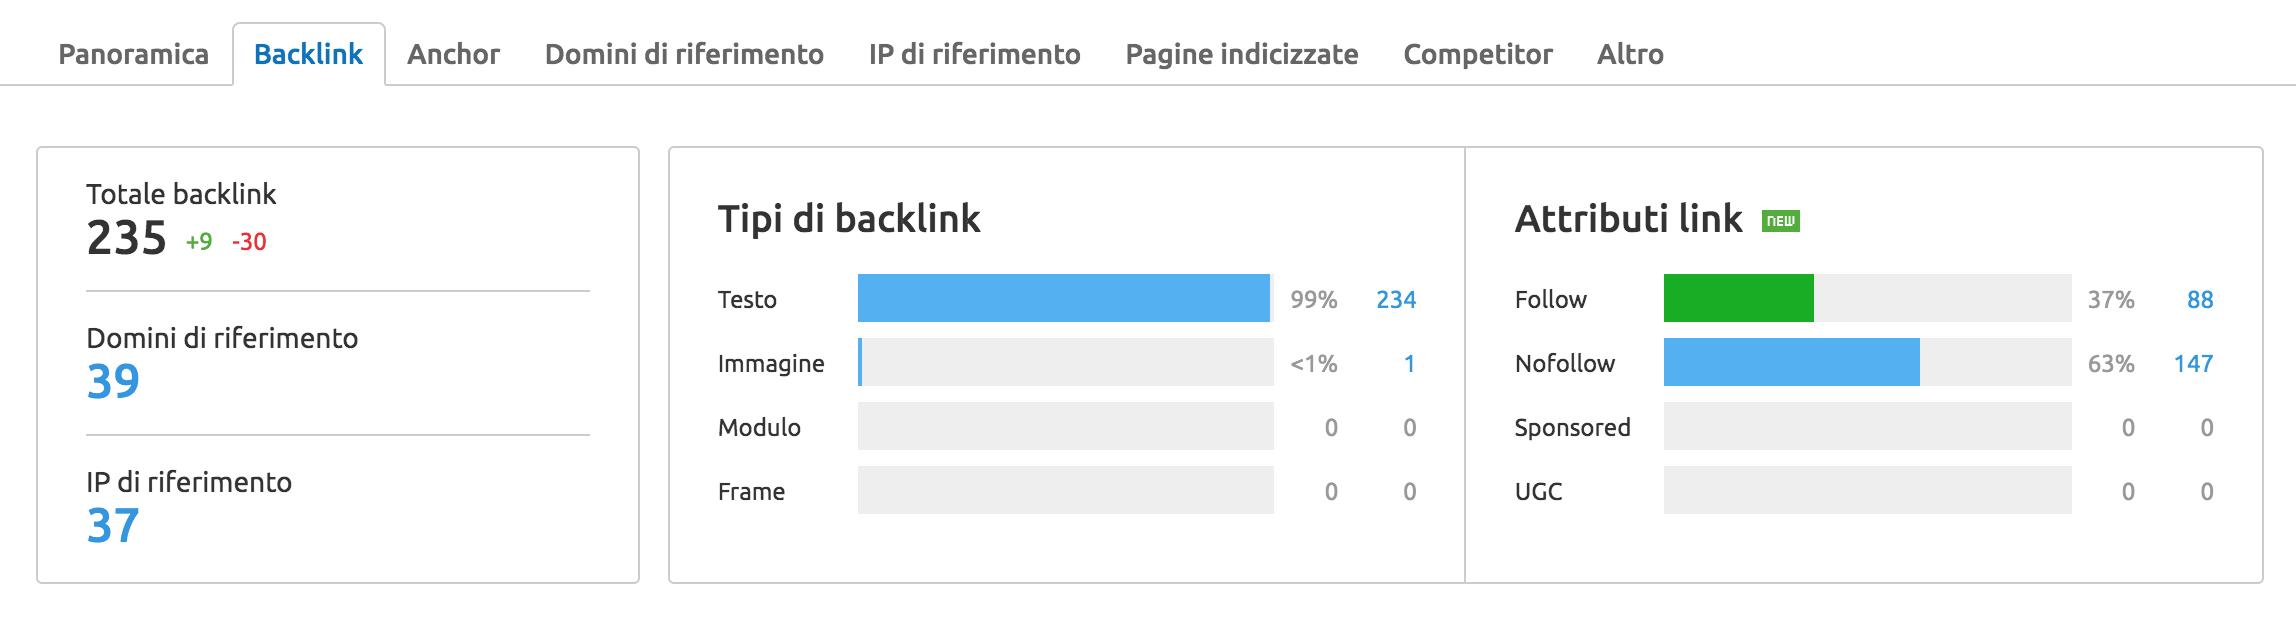 Attributi backlink analizzati con SEMrush